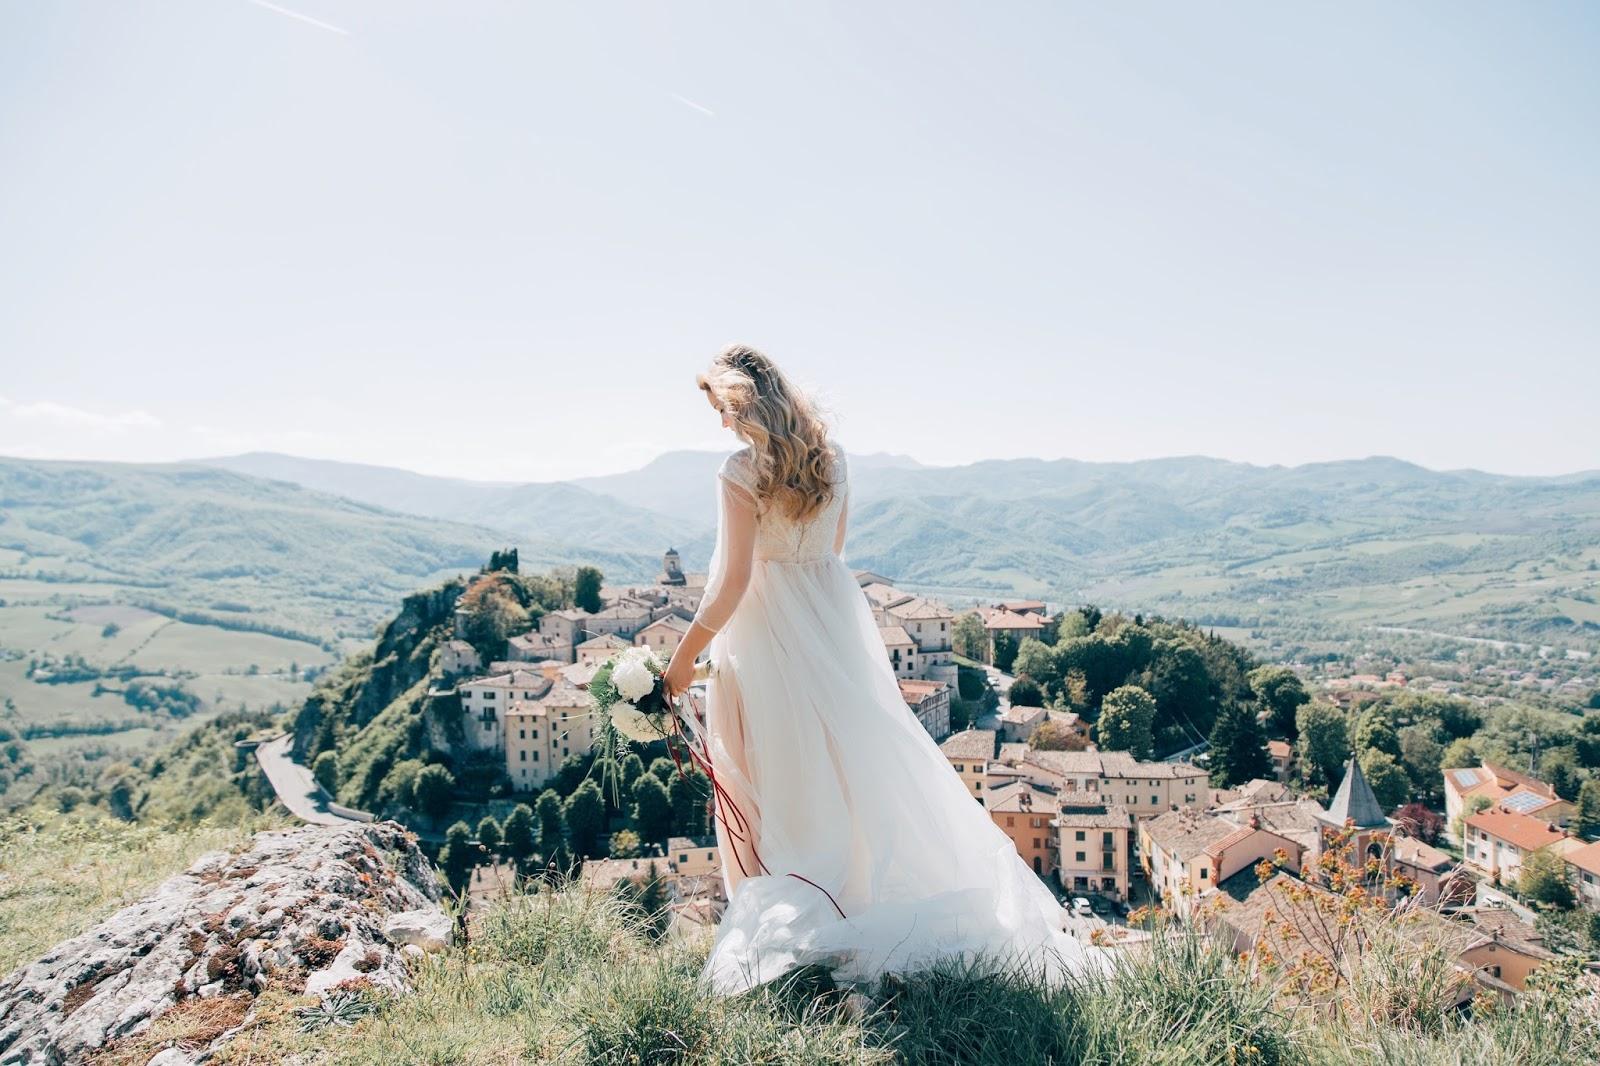 работа фотографом в италии писем